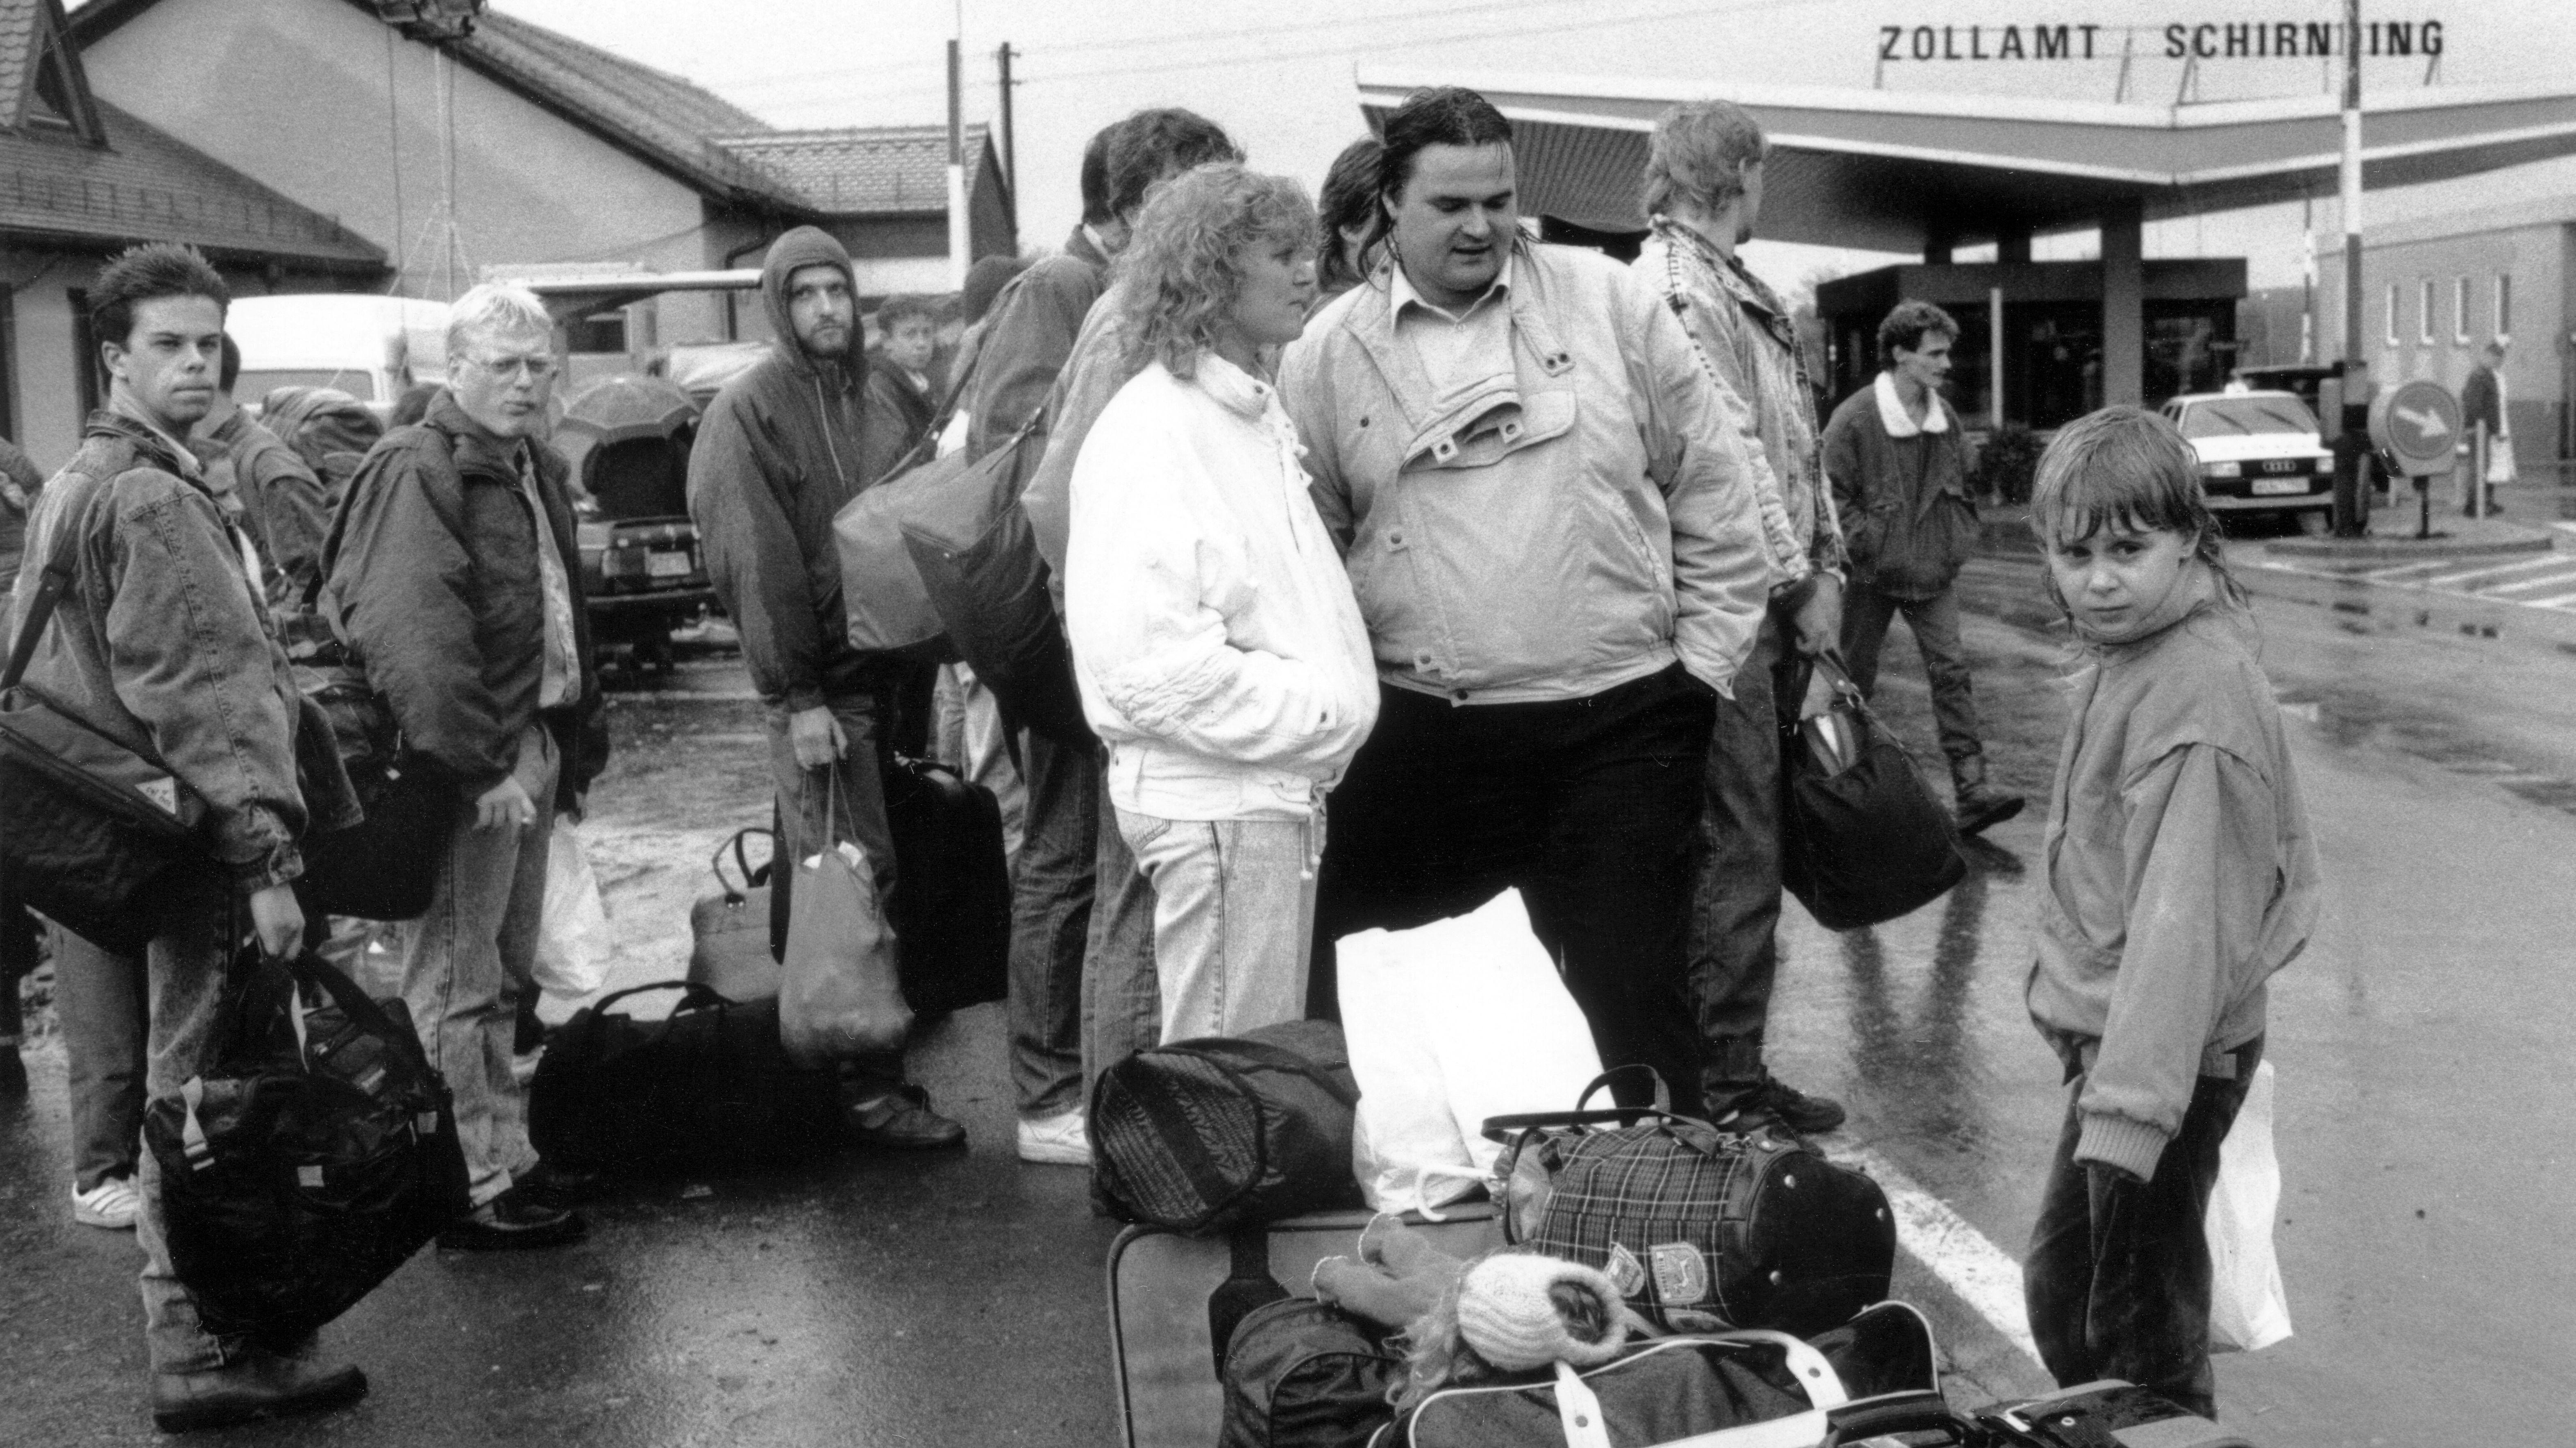 Der 7. Oktober am Grenzübergang Schirnding: Zu Fuß kommen hunderte Übersiedler über die Grenze.